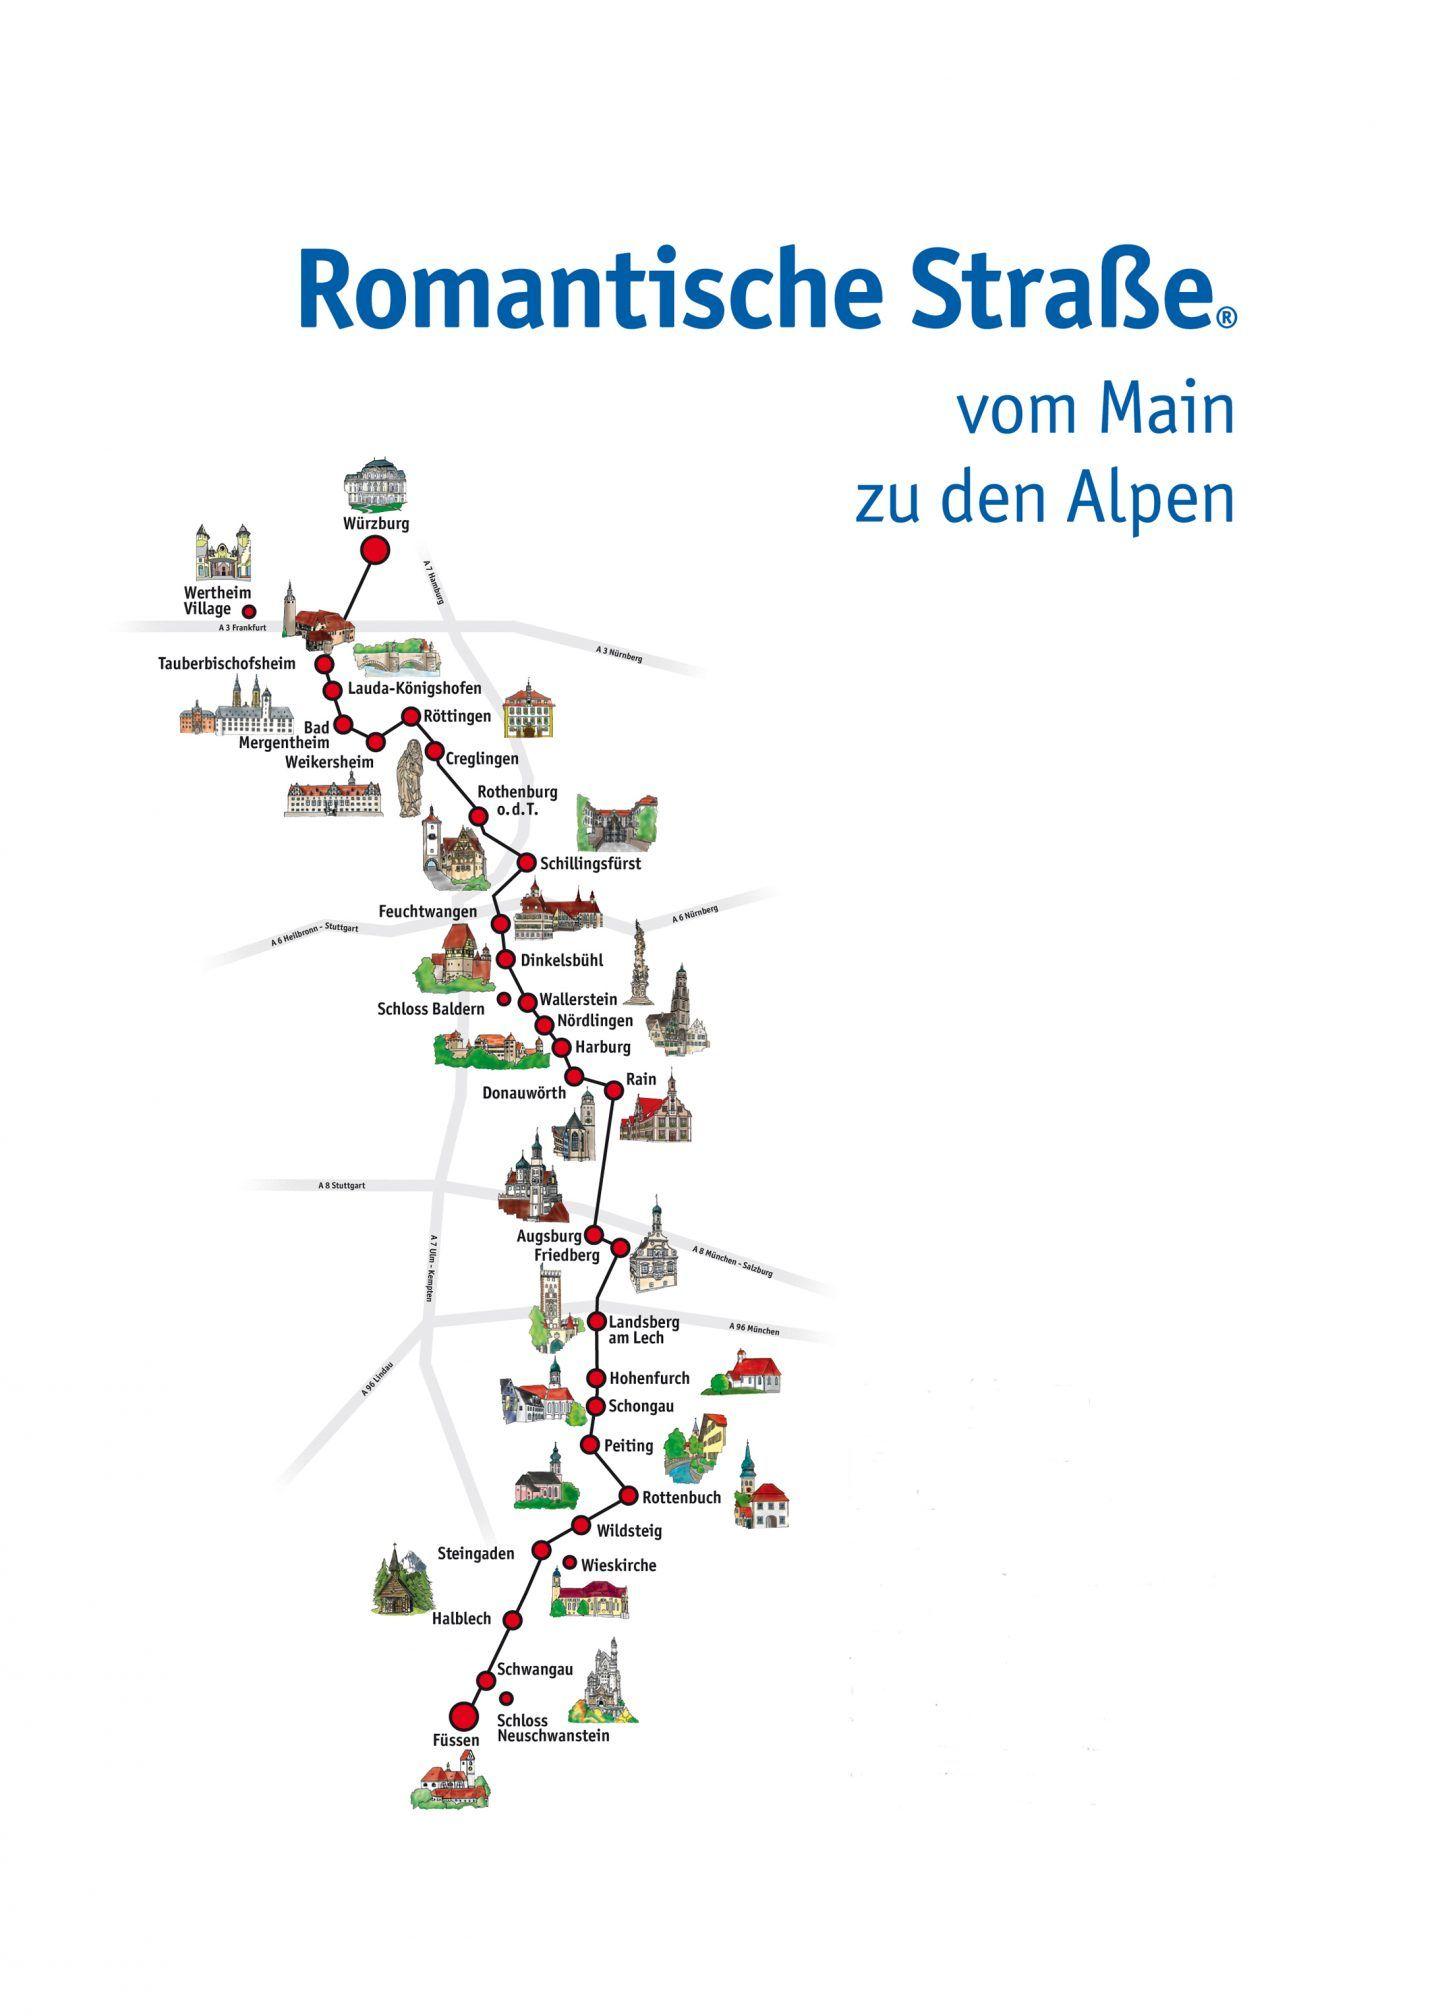 Romantische Strasse Romantik Und Kultur Vom Main Bis Zu Den Alpen Travelcircus Urlaubsziele In 2020 Alpen Romantik Urlaubsziele